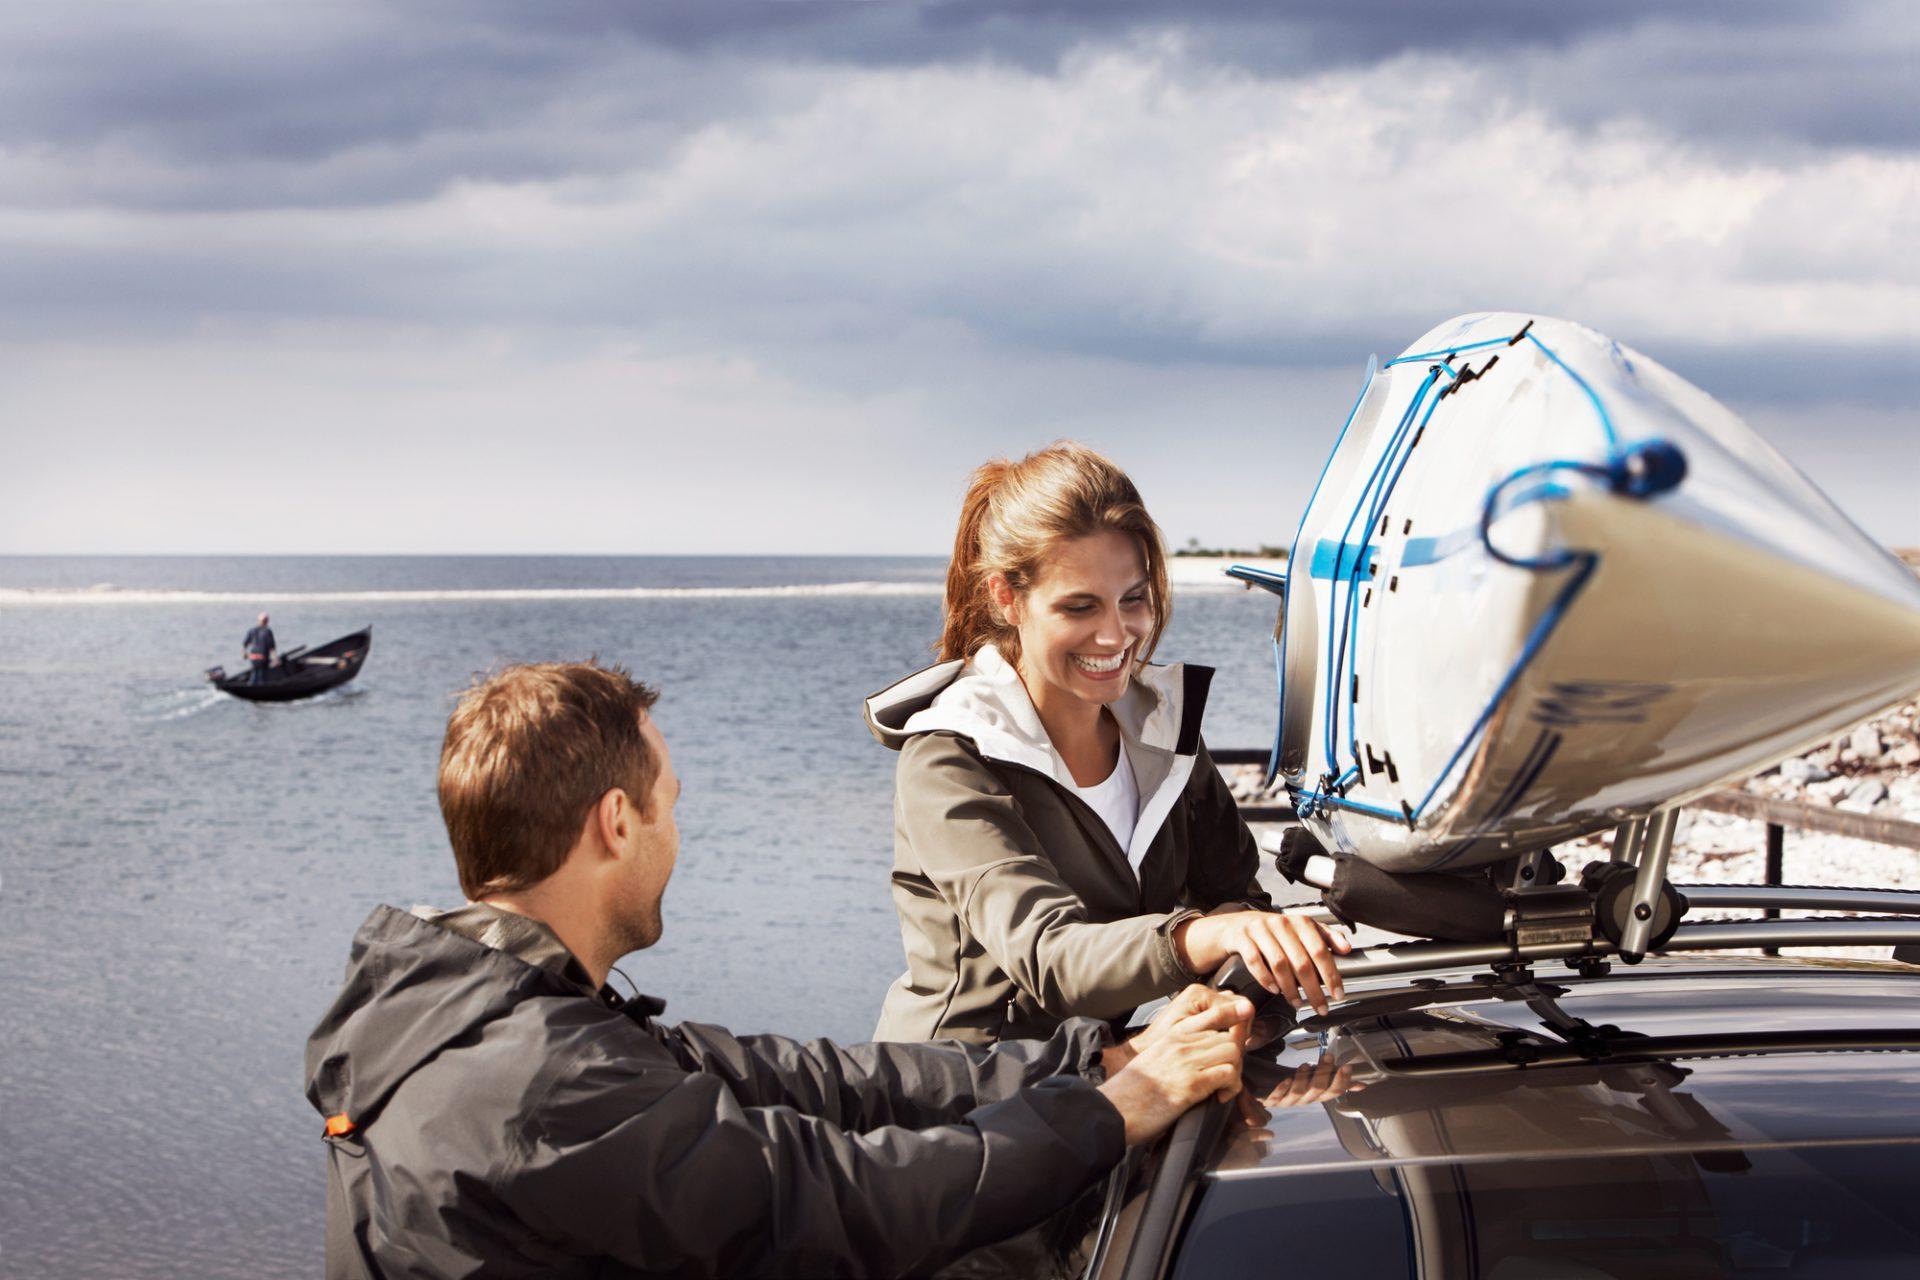 Sportausrüstungsträger-Volvo-VCC_06566